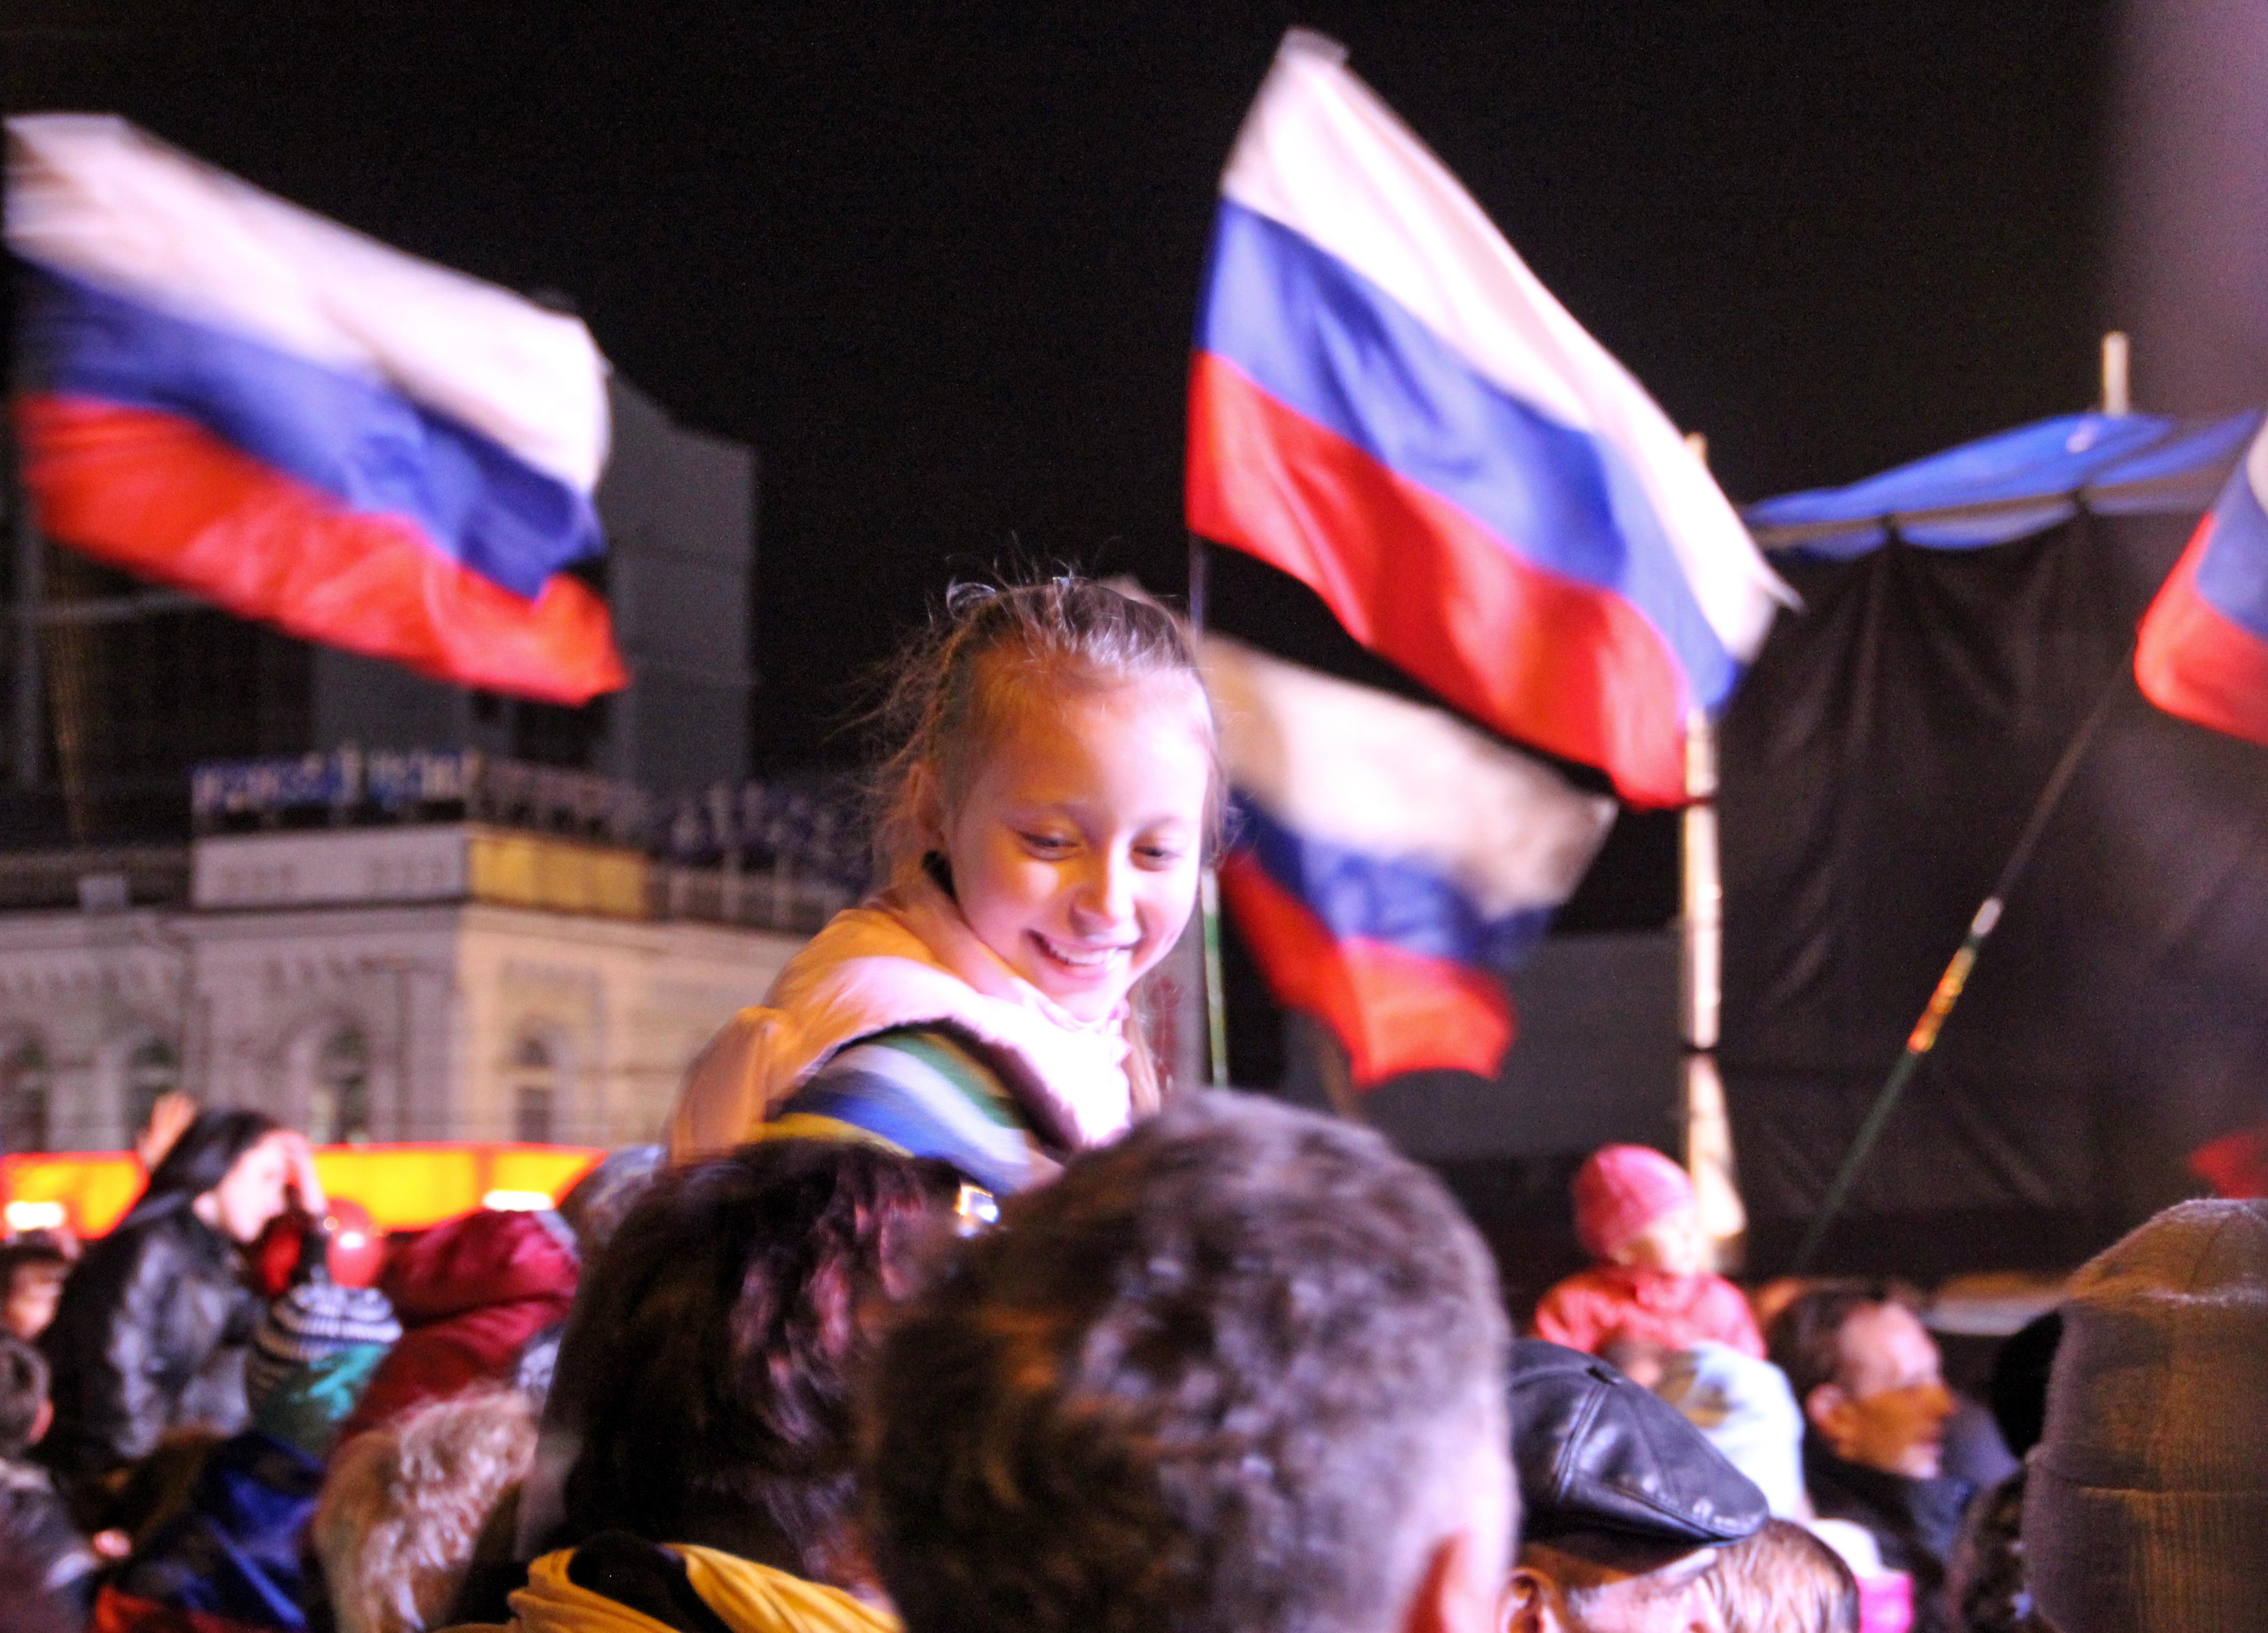 Симферополь. Торжества в честь вхождения Республики Крым в состав России. Март 2014